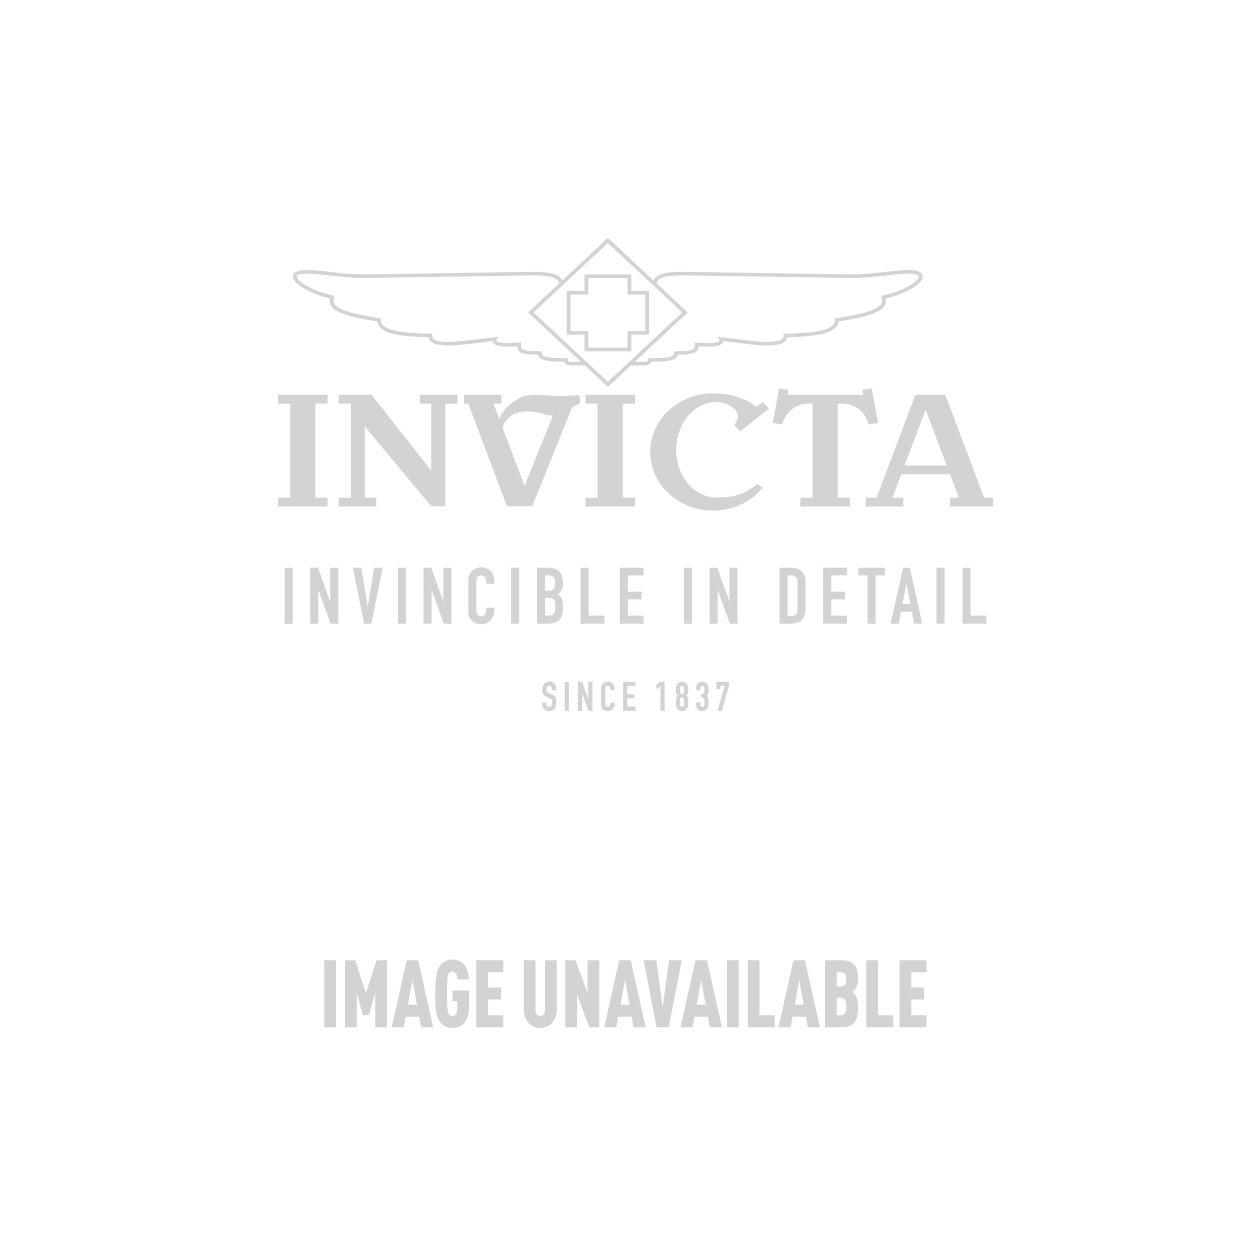 Invicta Model 27215